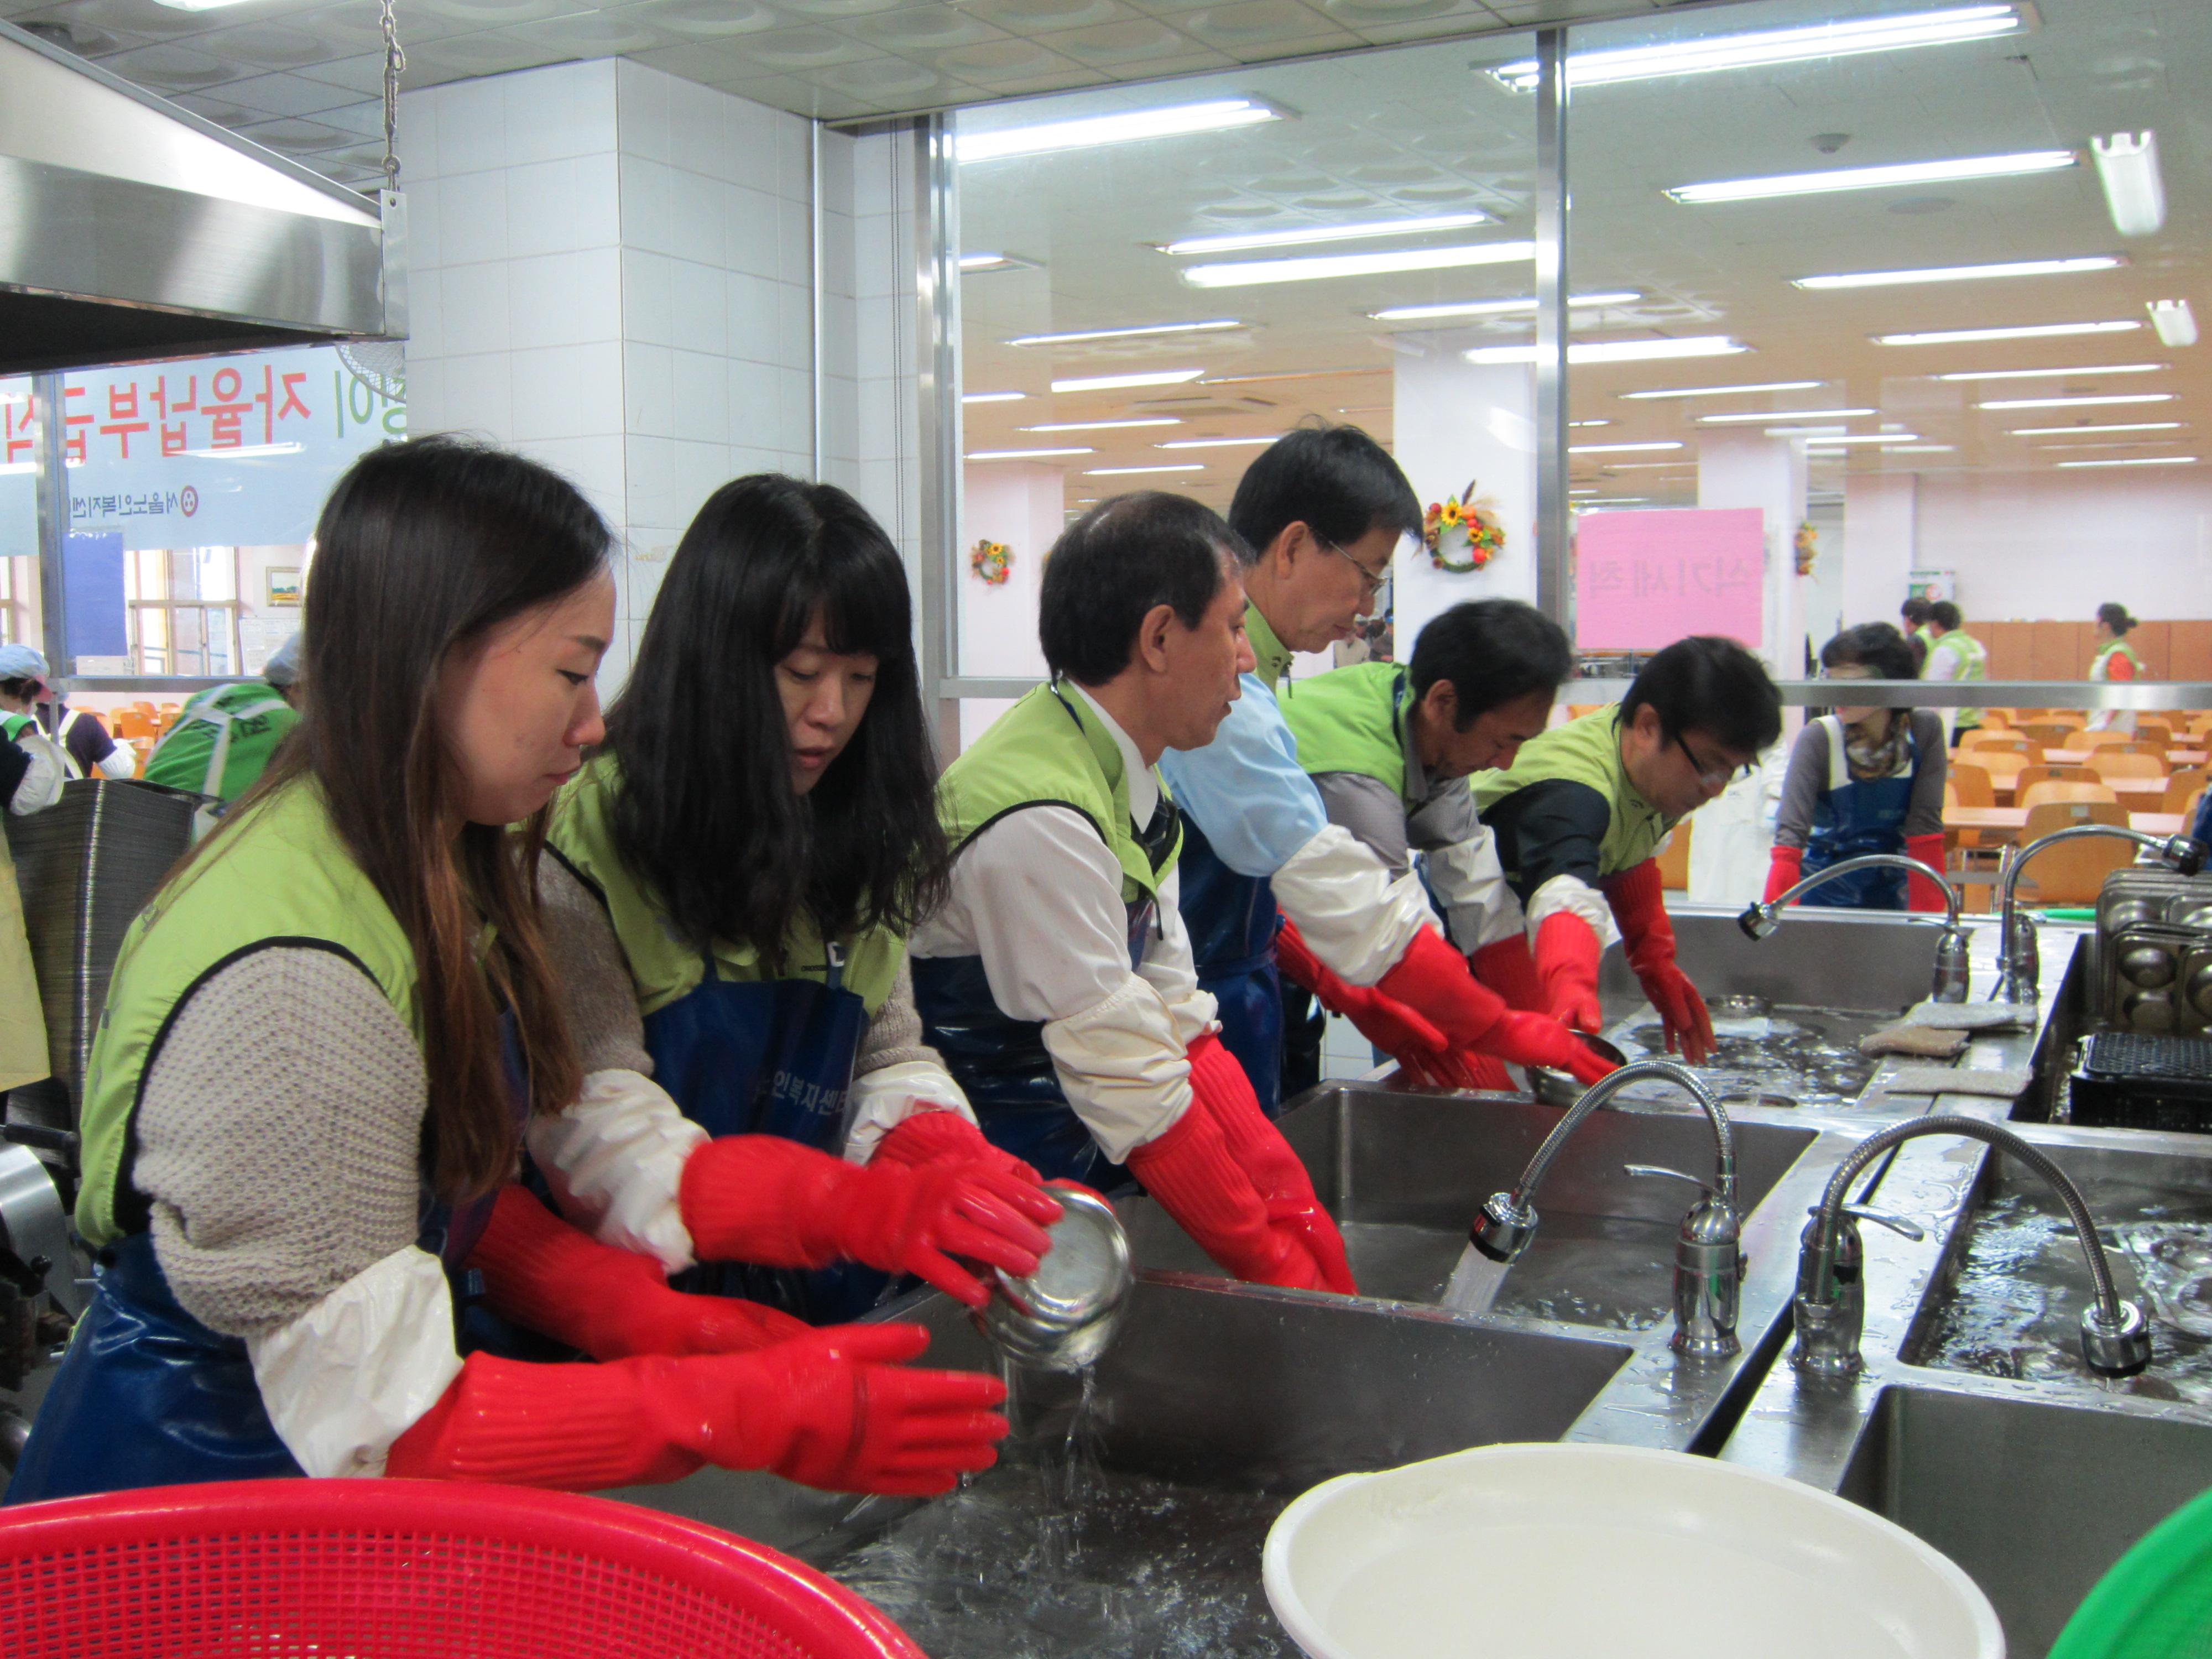 [큰이미지]설거지 봉사 1